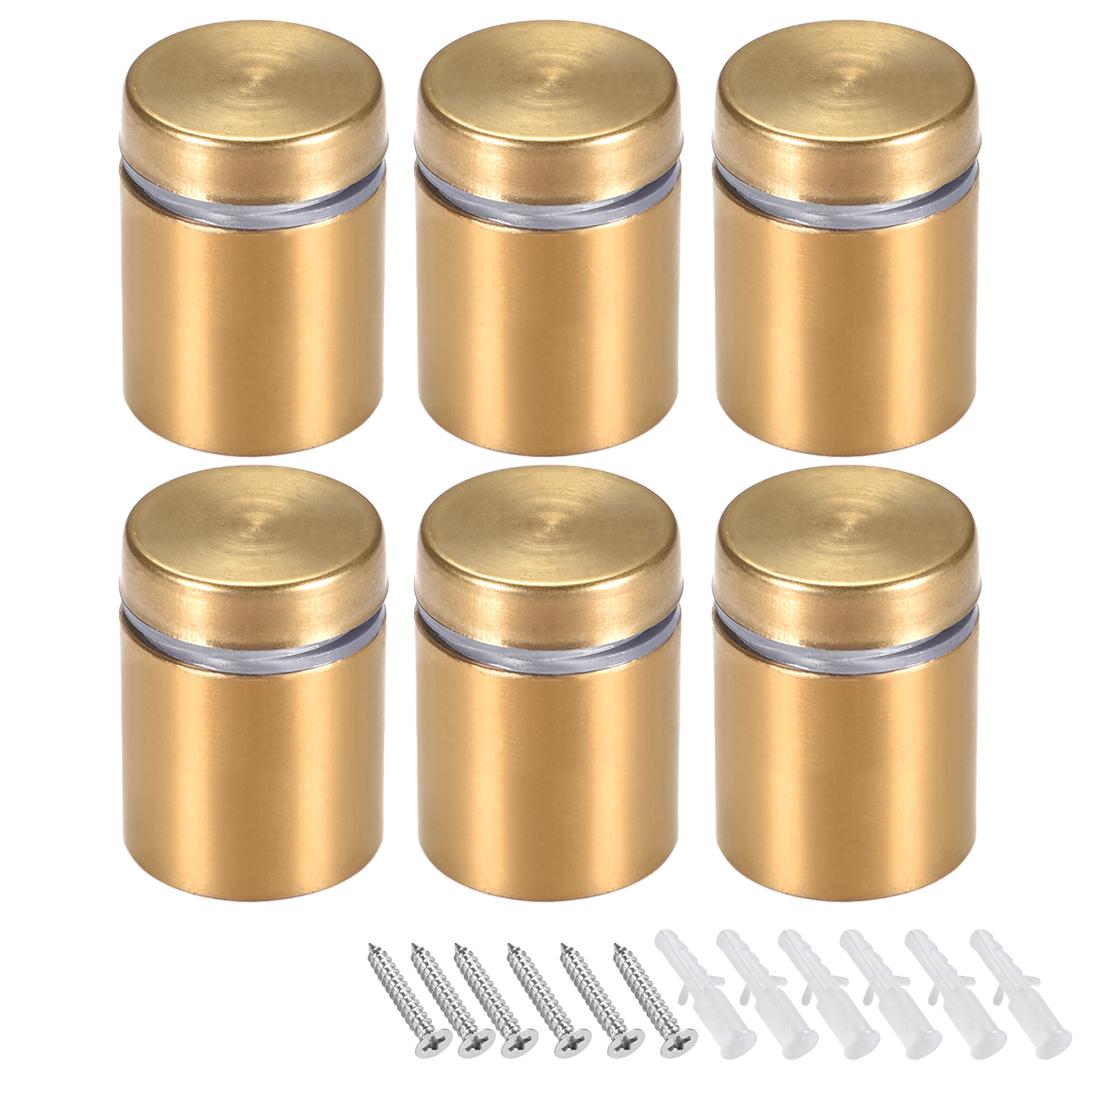 Glass Standoff Mount Wall Standoff Nails 19mm Dia 26mm Length Golden 6 Pcs